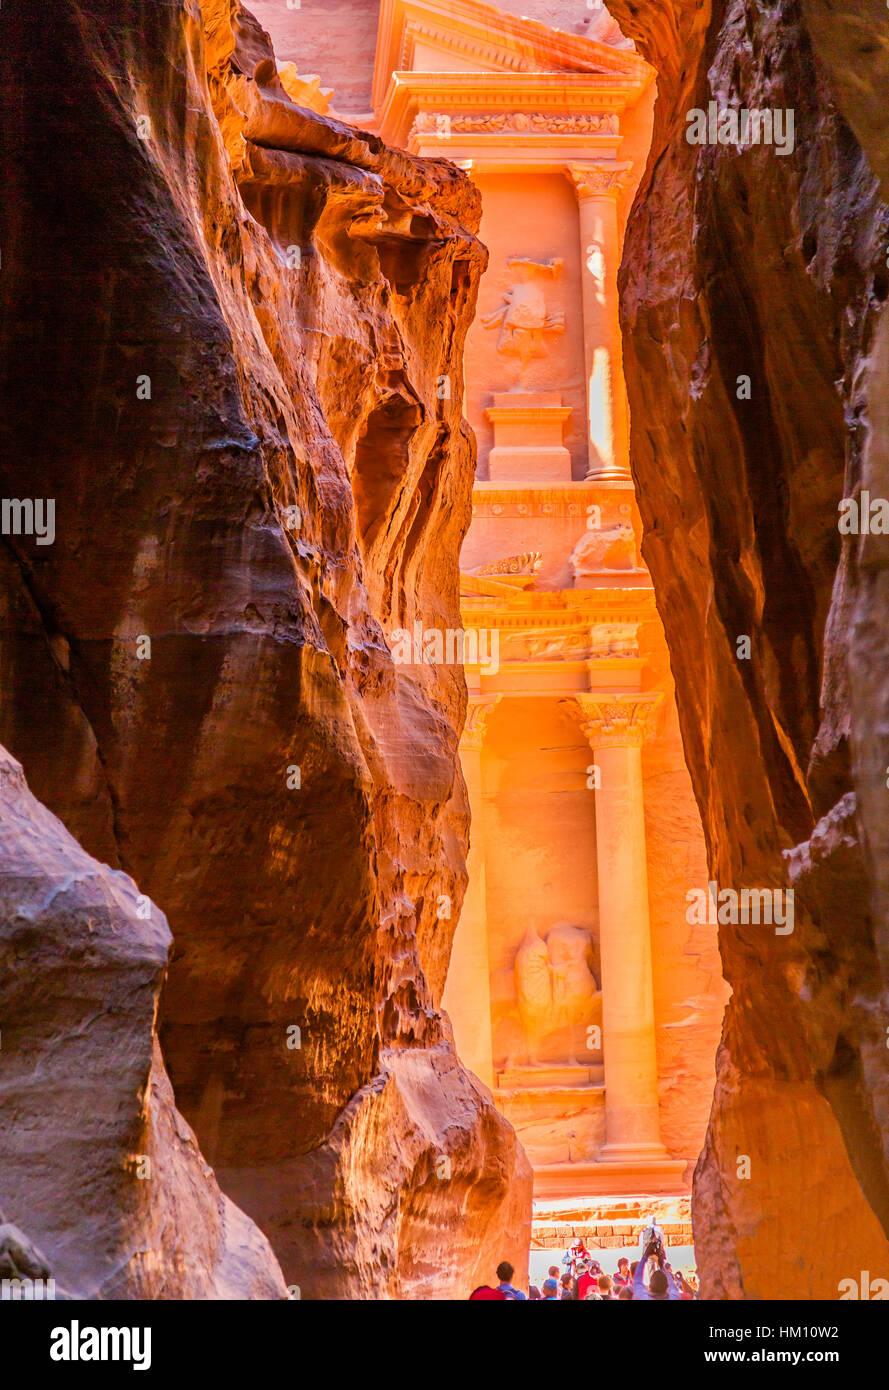 Outer Siq Yellow Treasury Morning Petra Jordan Petra Jordan.  Treasury built by the Nabataens in 100 BC. - Stock Image